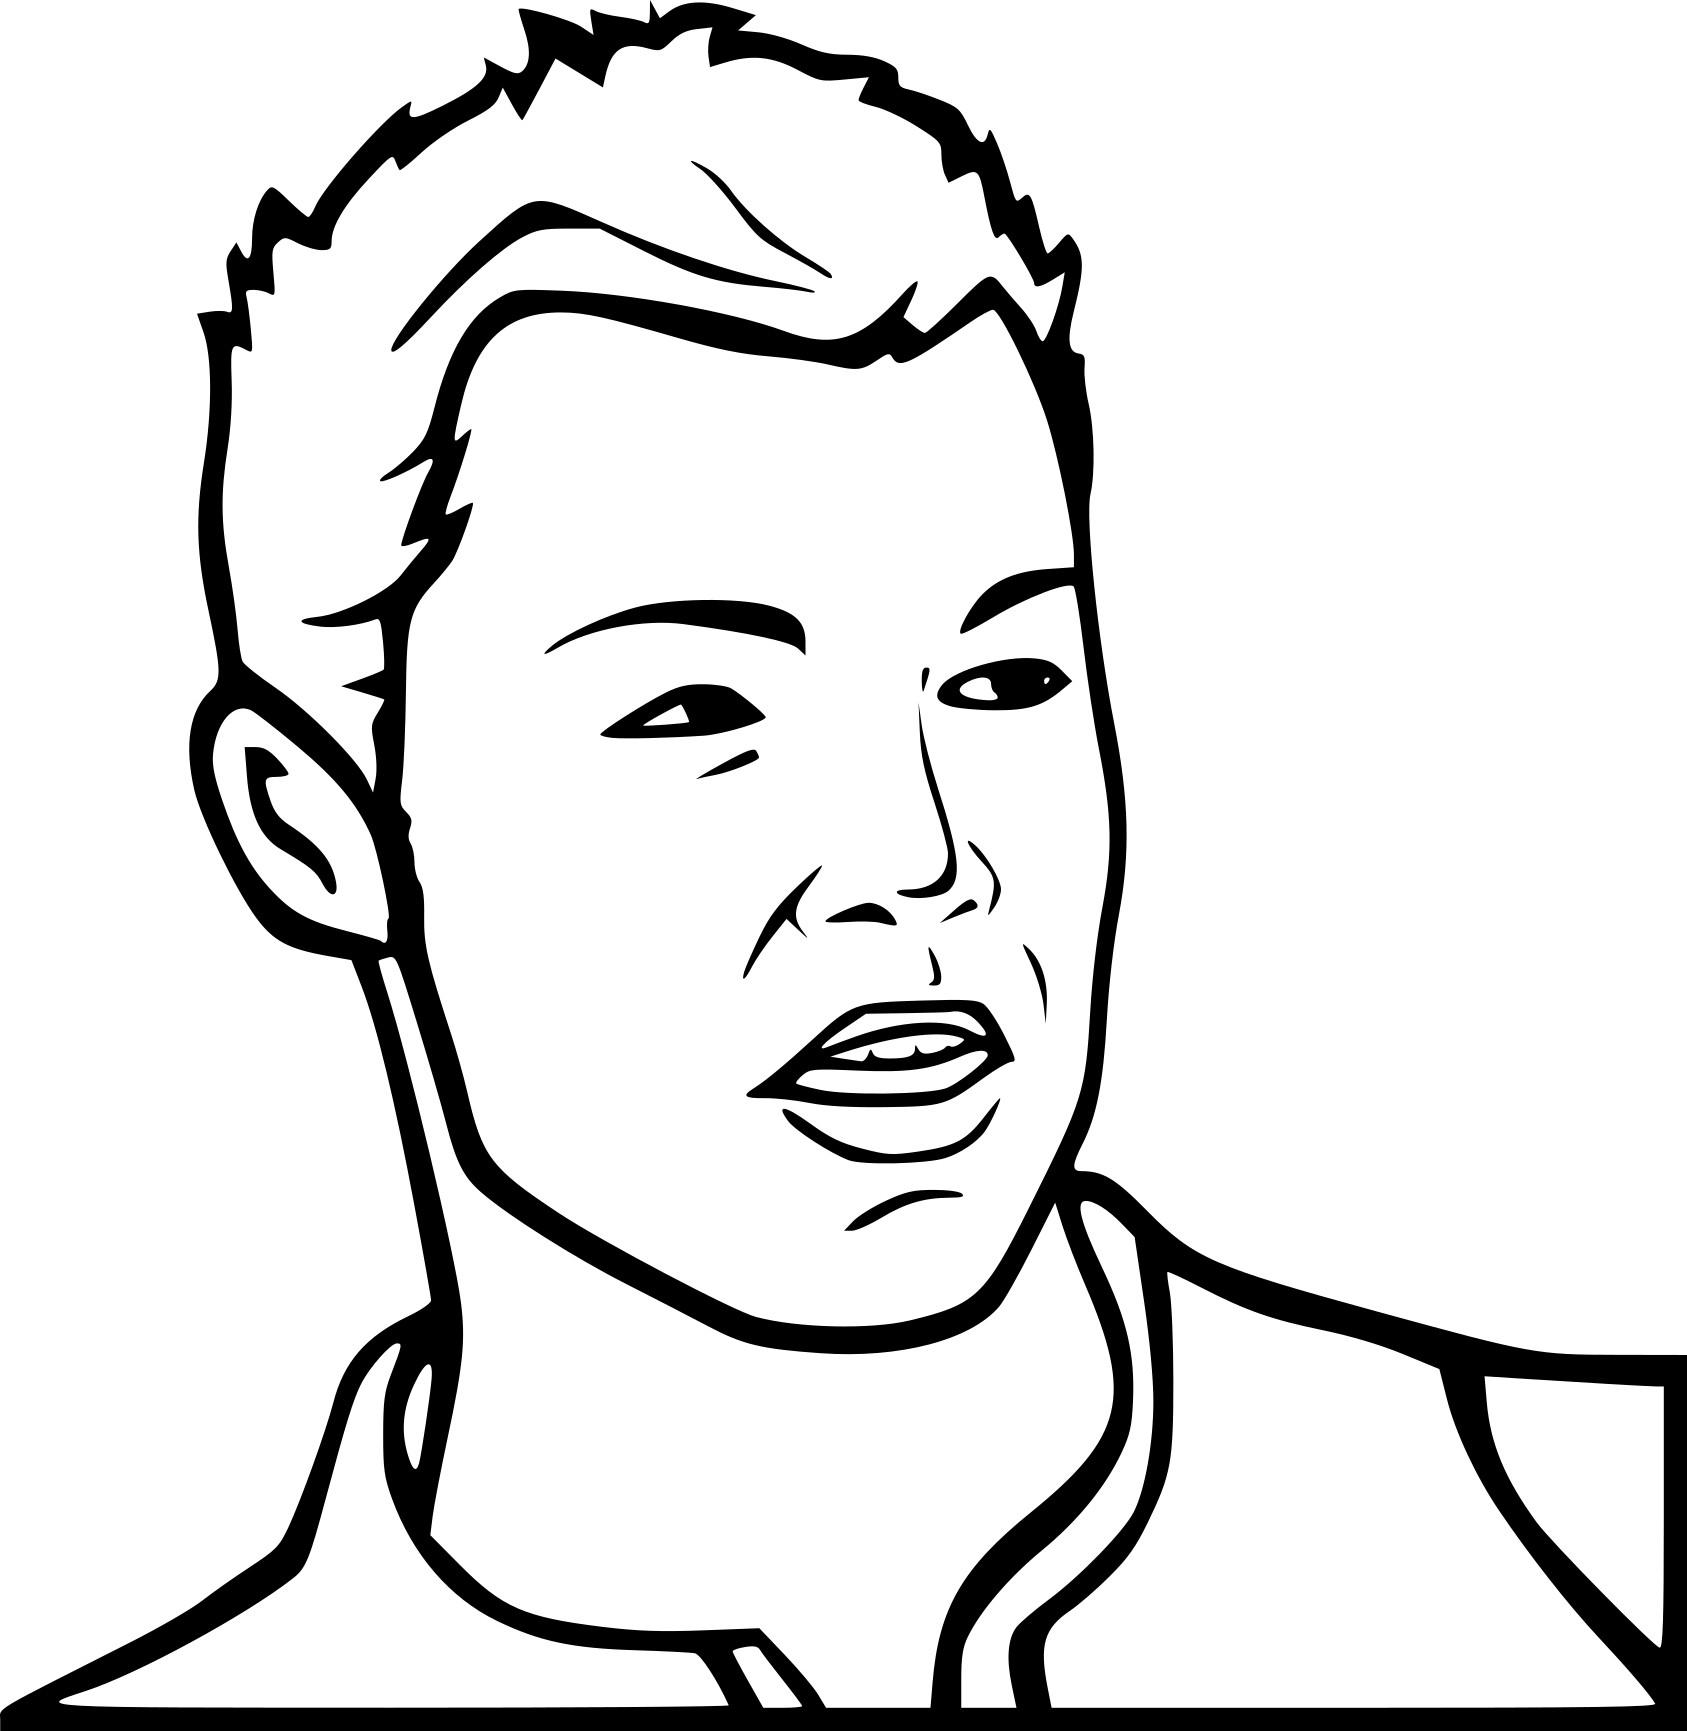 Coloriage Visage Ronaldo À Imprimer Sur Coloriages tout Visage À Colorier